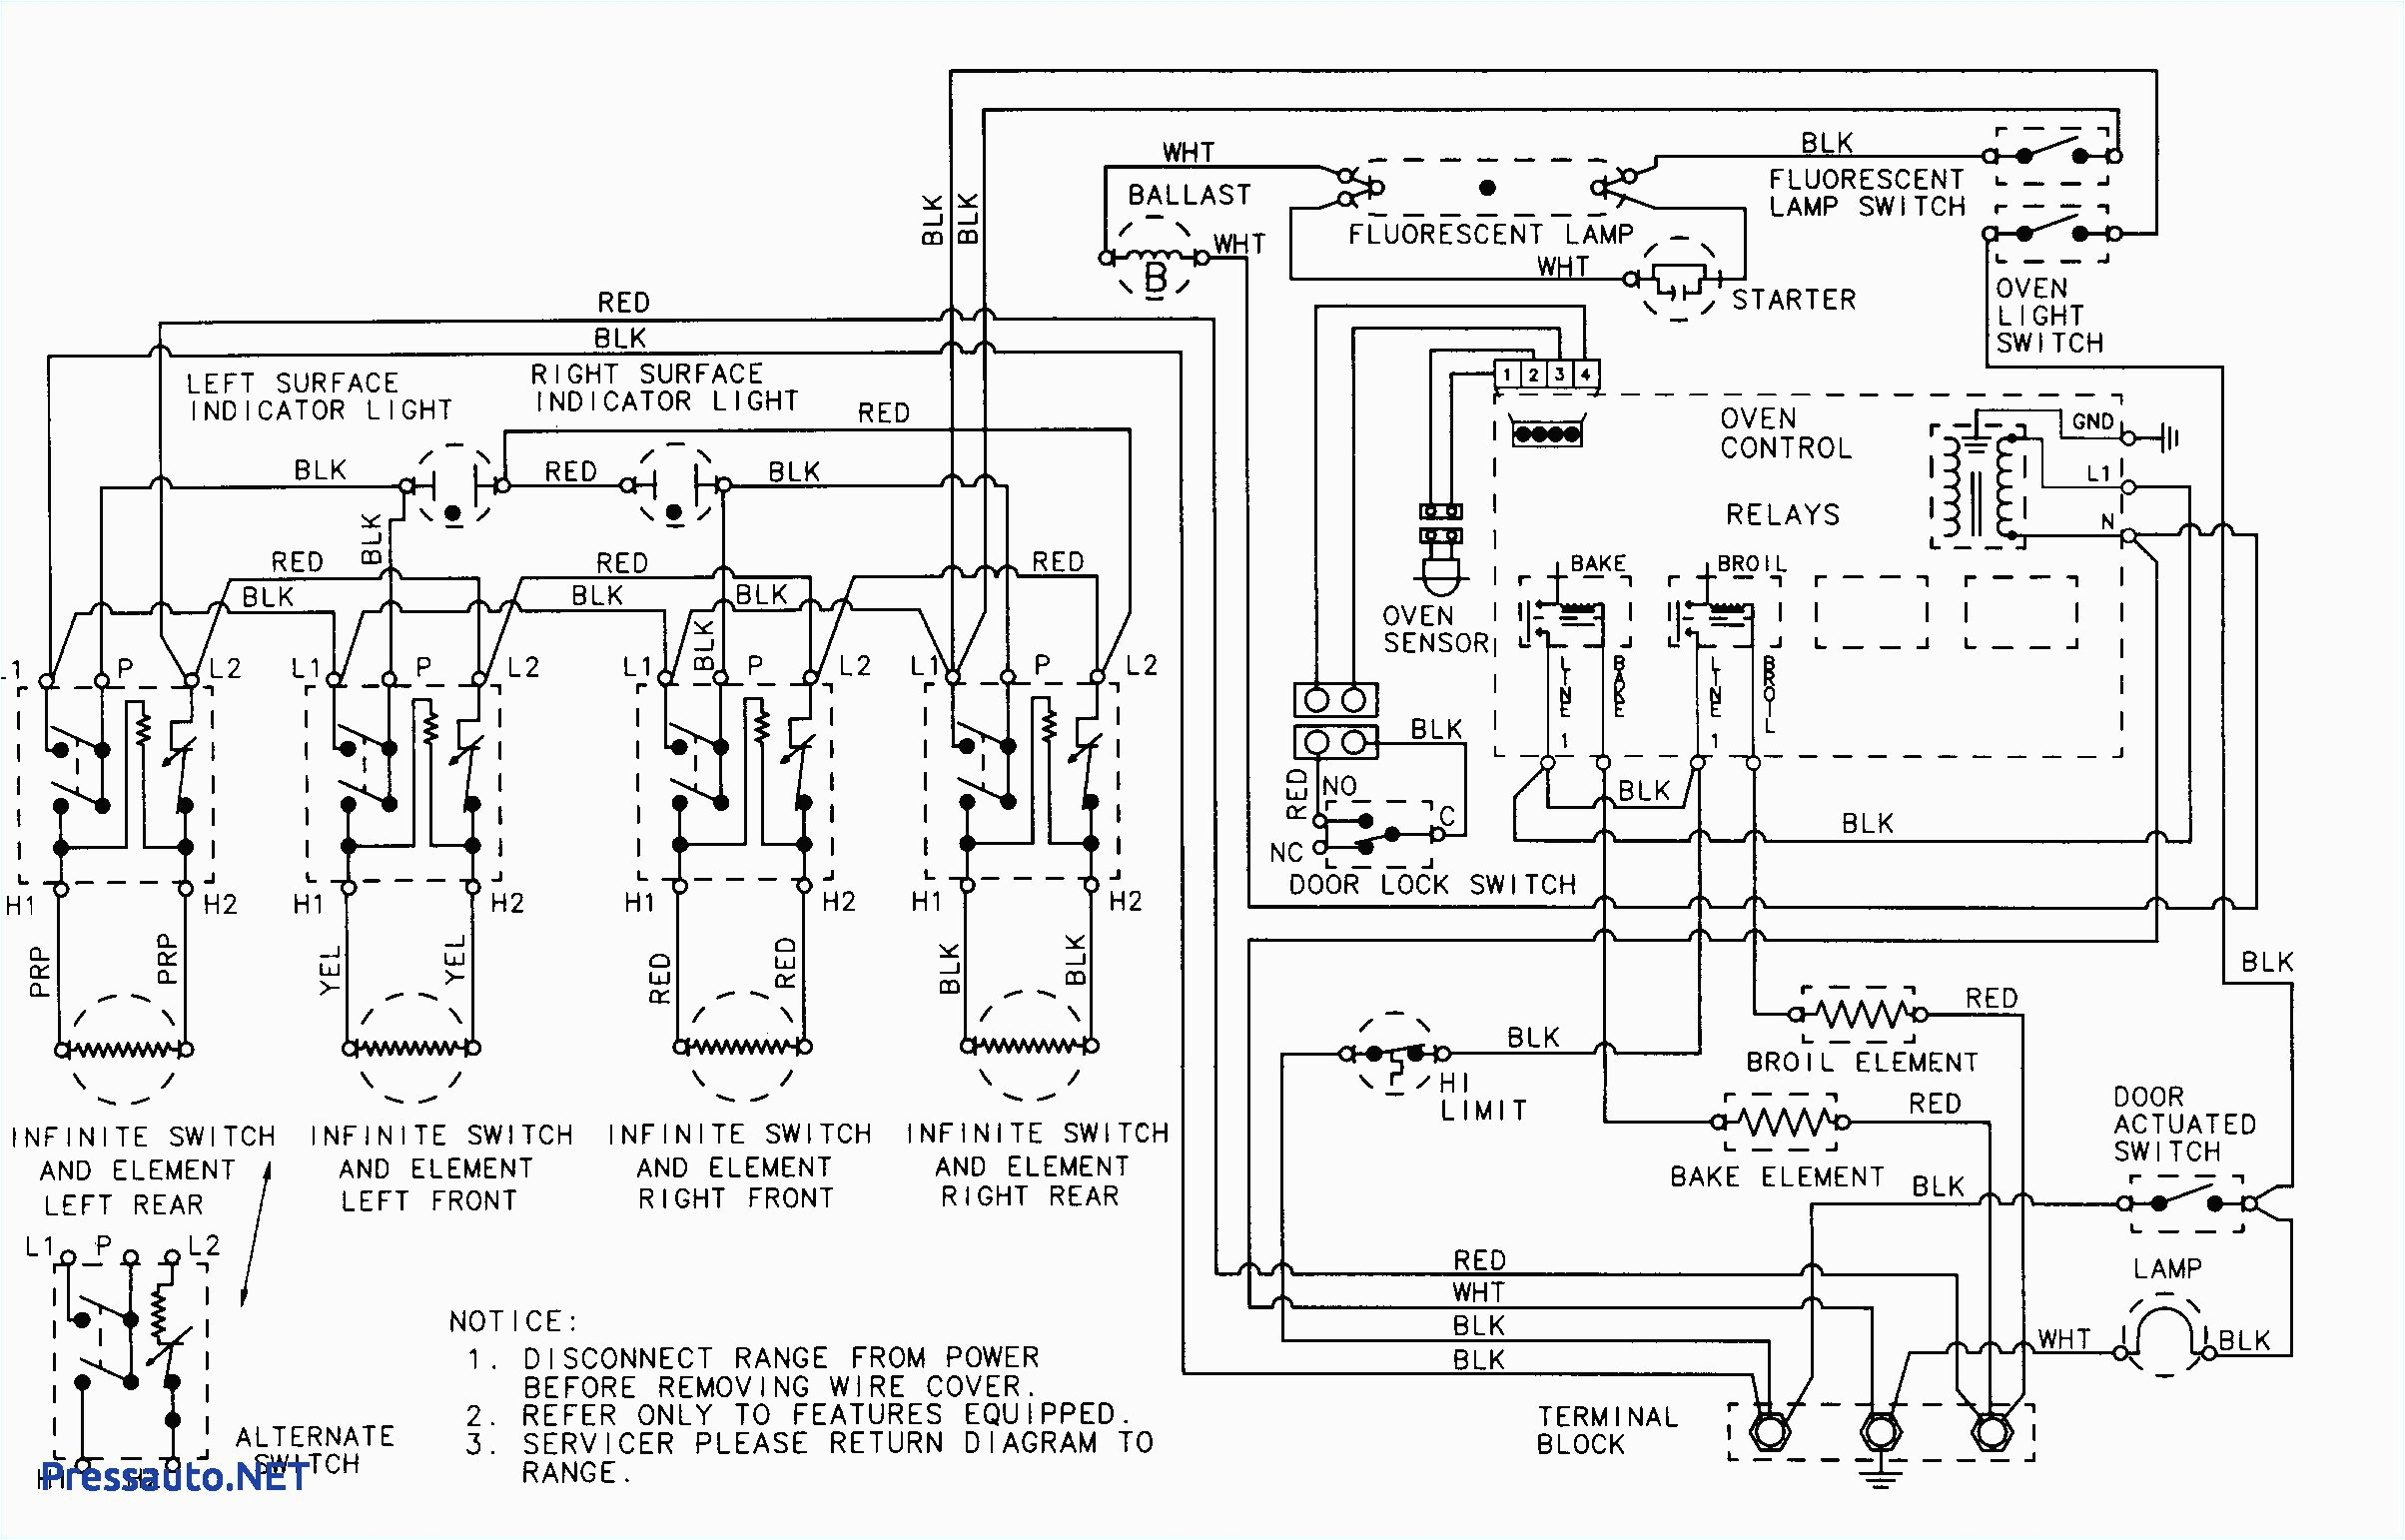 ge wiring schematic jvm 2 general wiring diagram datagsd2030z02ww ge wiring schematic basic electronics wiring diagram